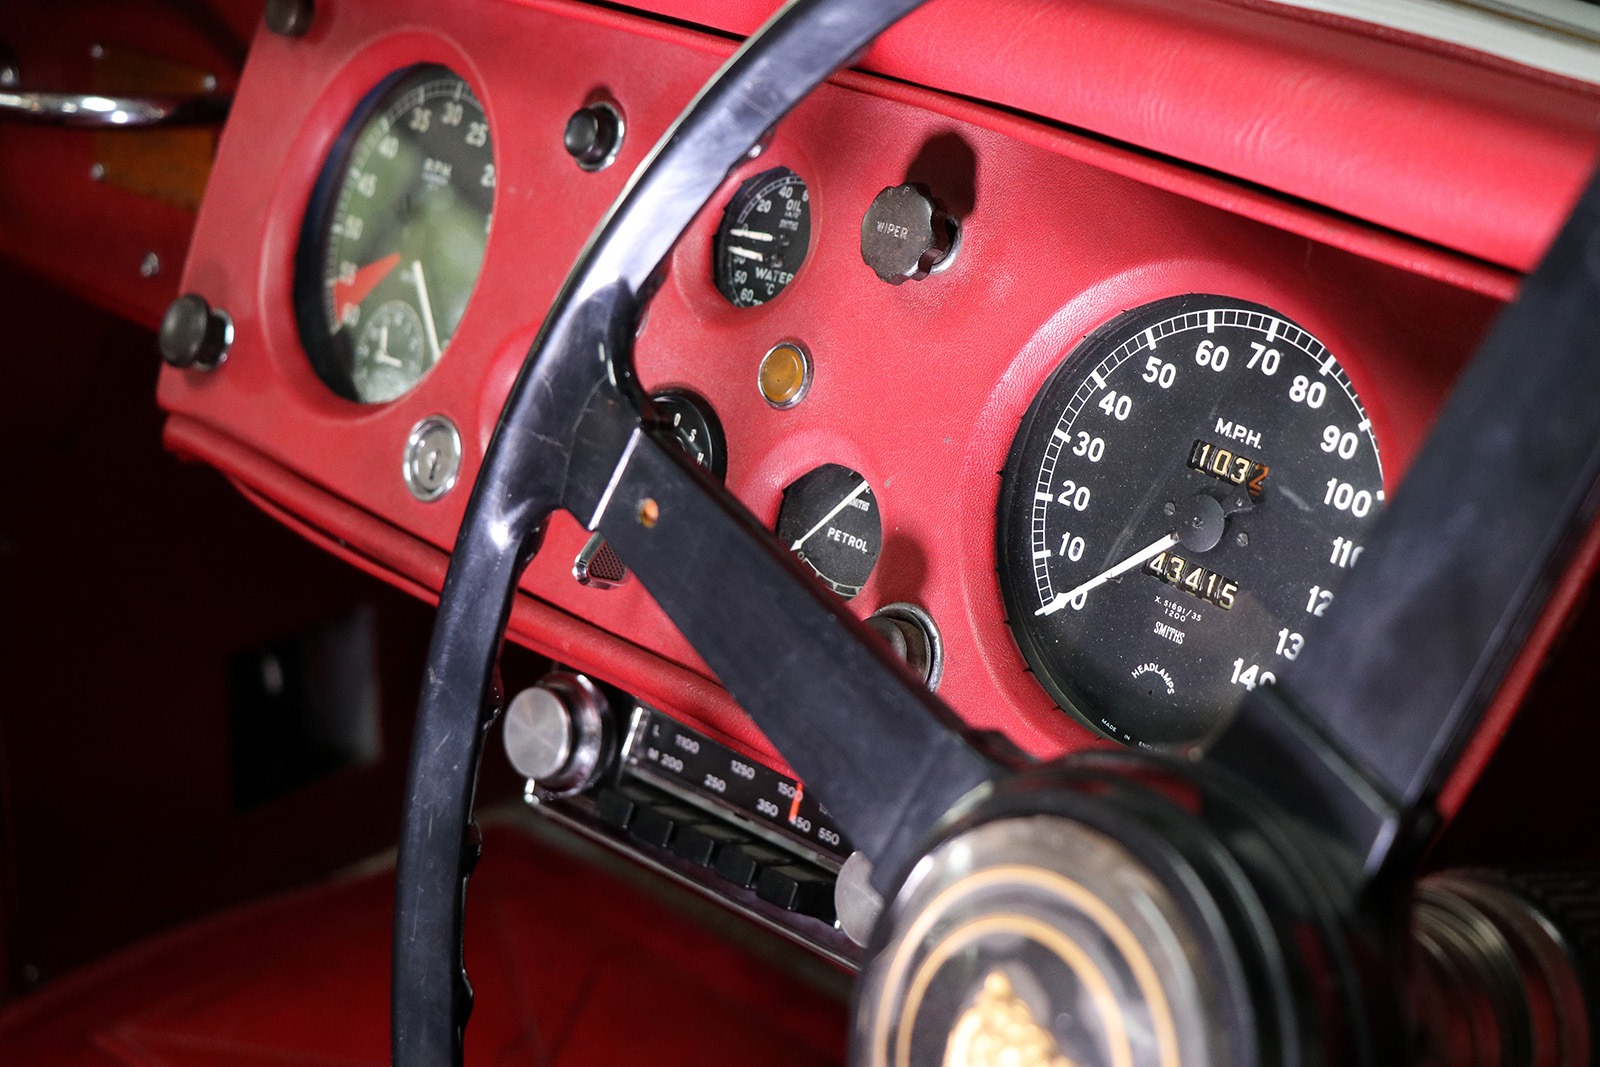 1957 Jaguar XK140 MC RHD Roadster For Sale at Sayer Selection Ltd. UK